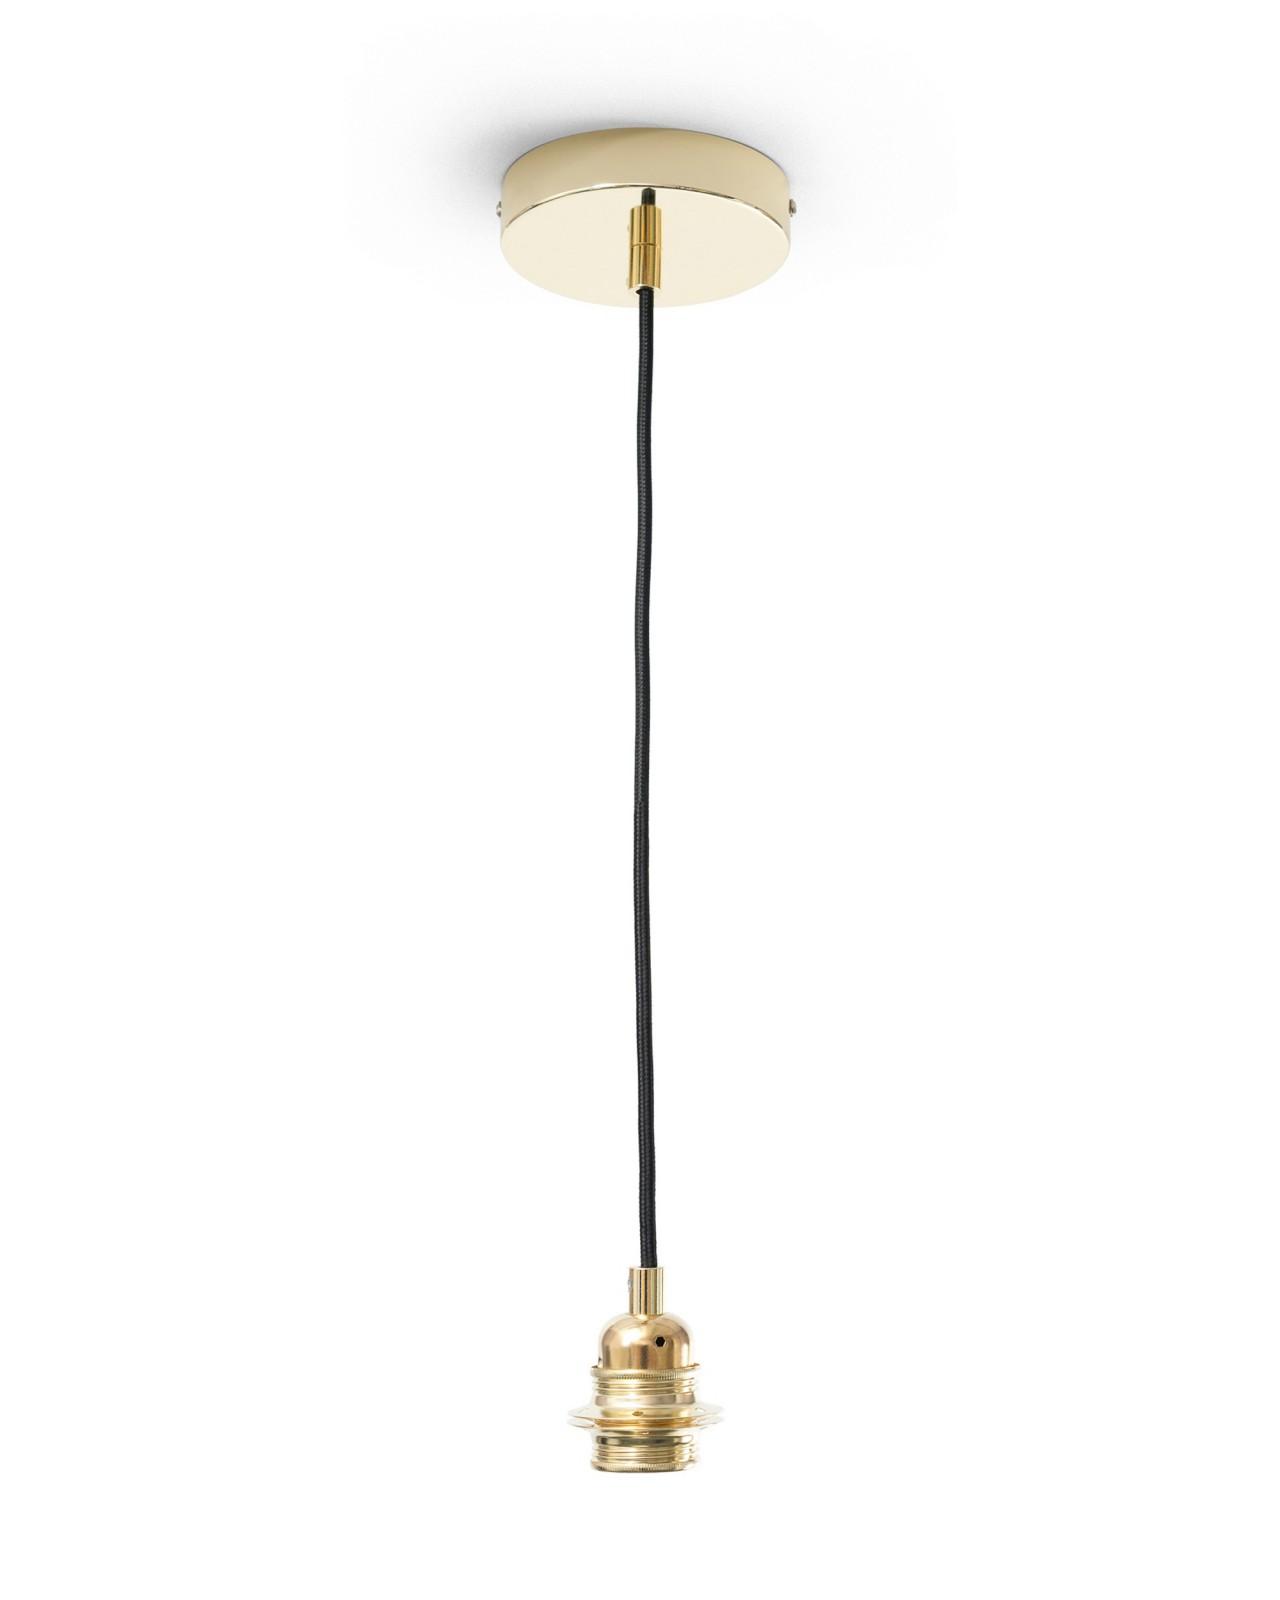 OCEAN REEF Pendant Lamp